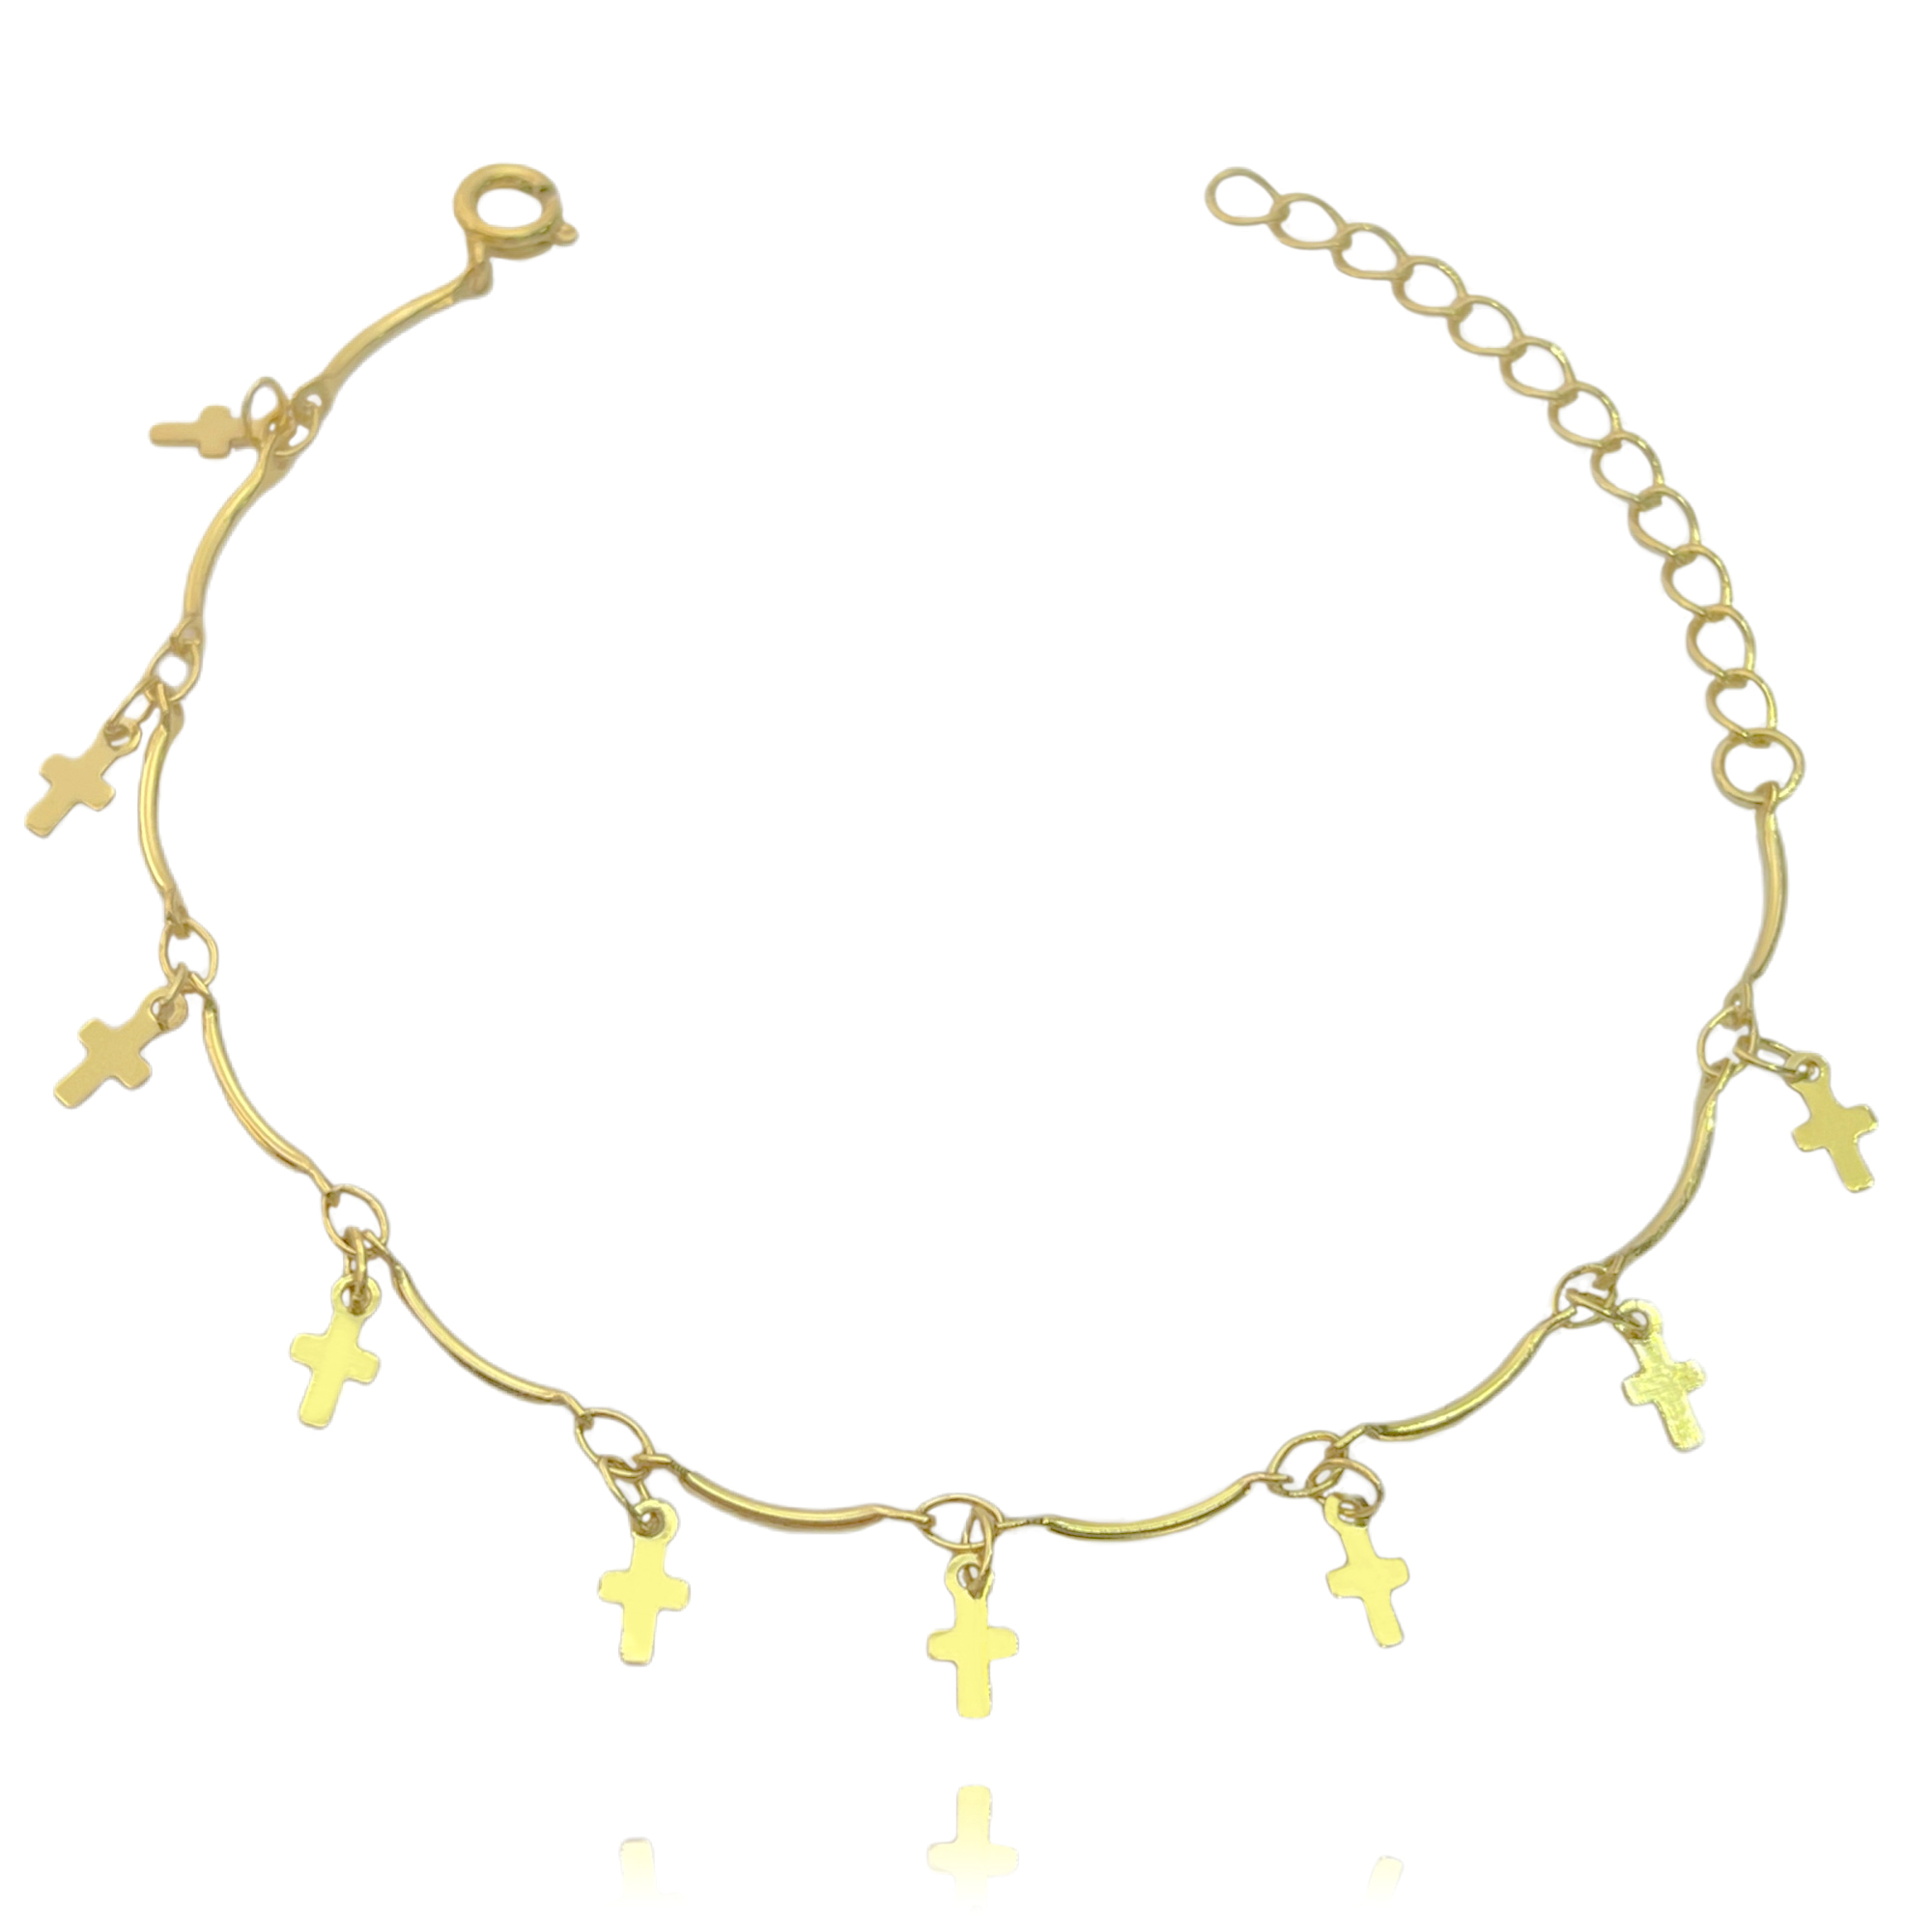 Pulseira Crucifixo Chapado Mini (Banho Ouro 24k)